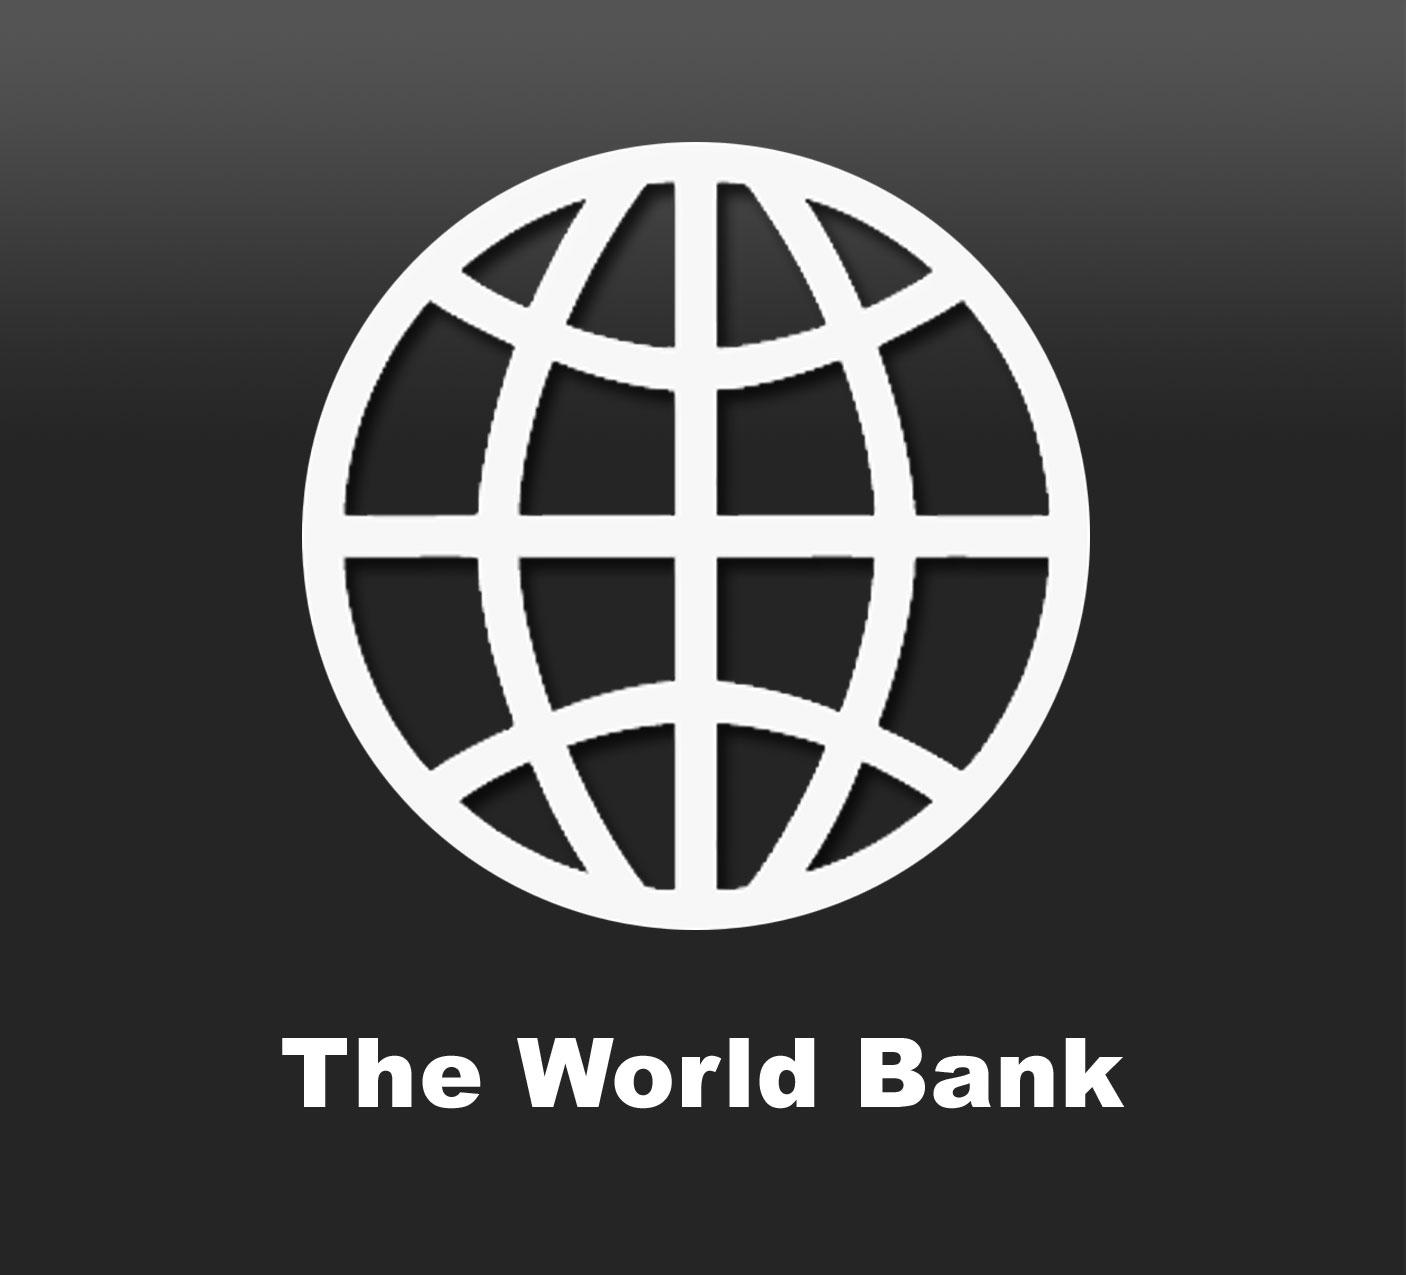 www.bancomundial.org